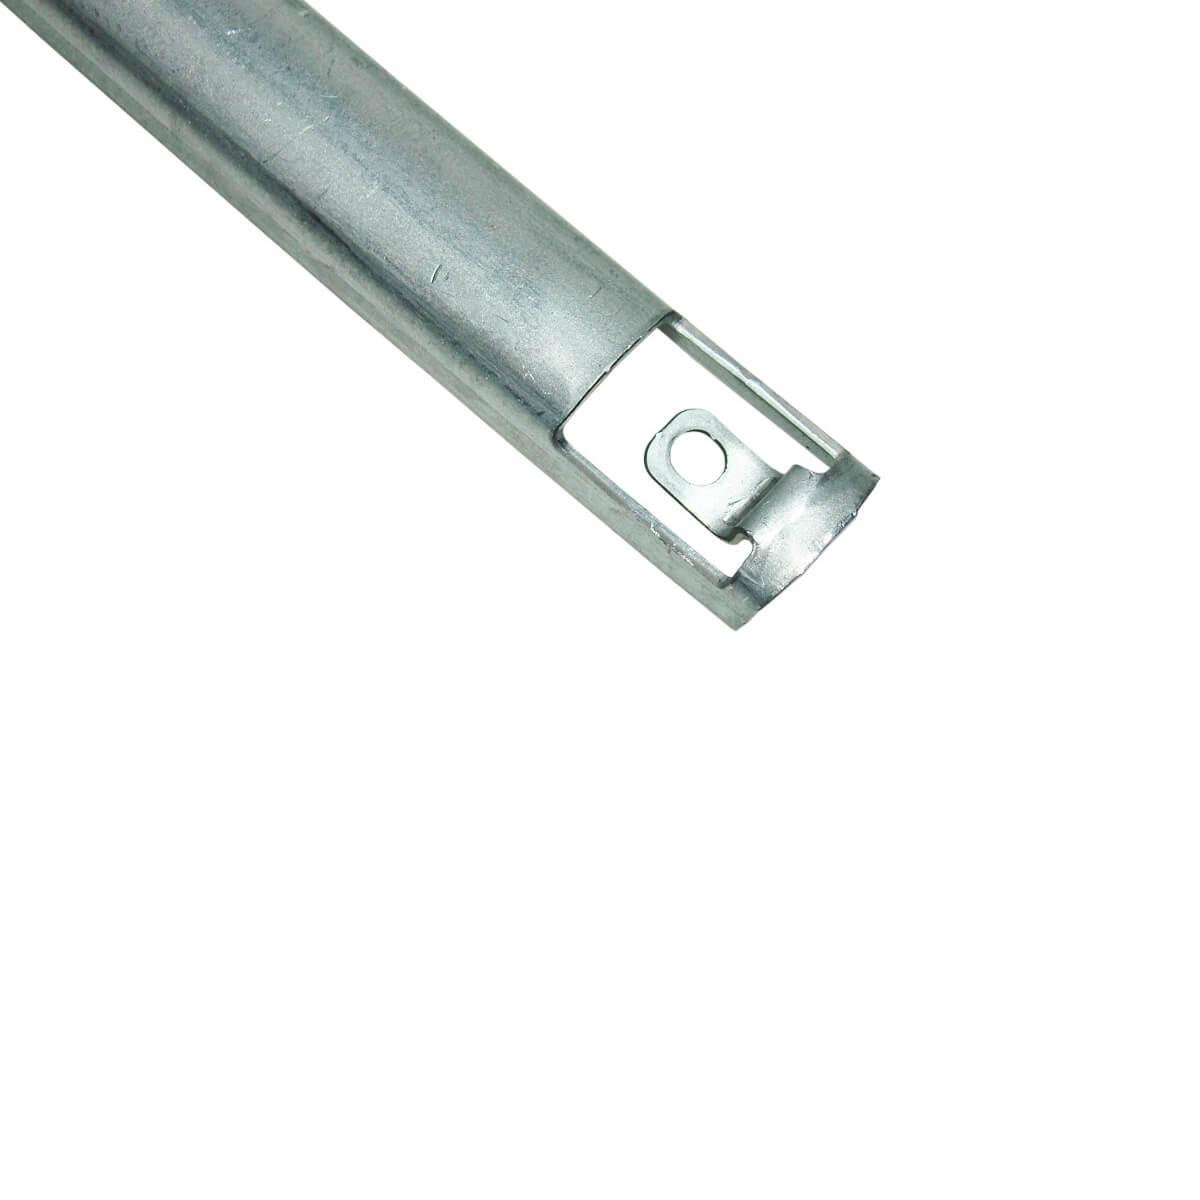 Reforço Do Puxador Para Refrigerador Electrolux DFF37 WF37 DF38 DFF40 - 72500007